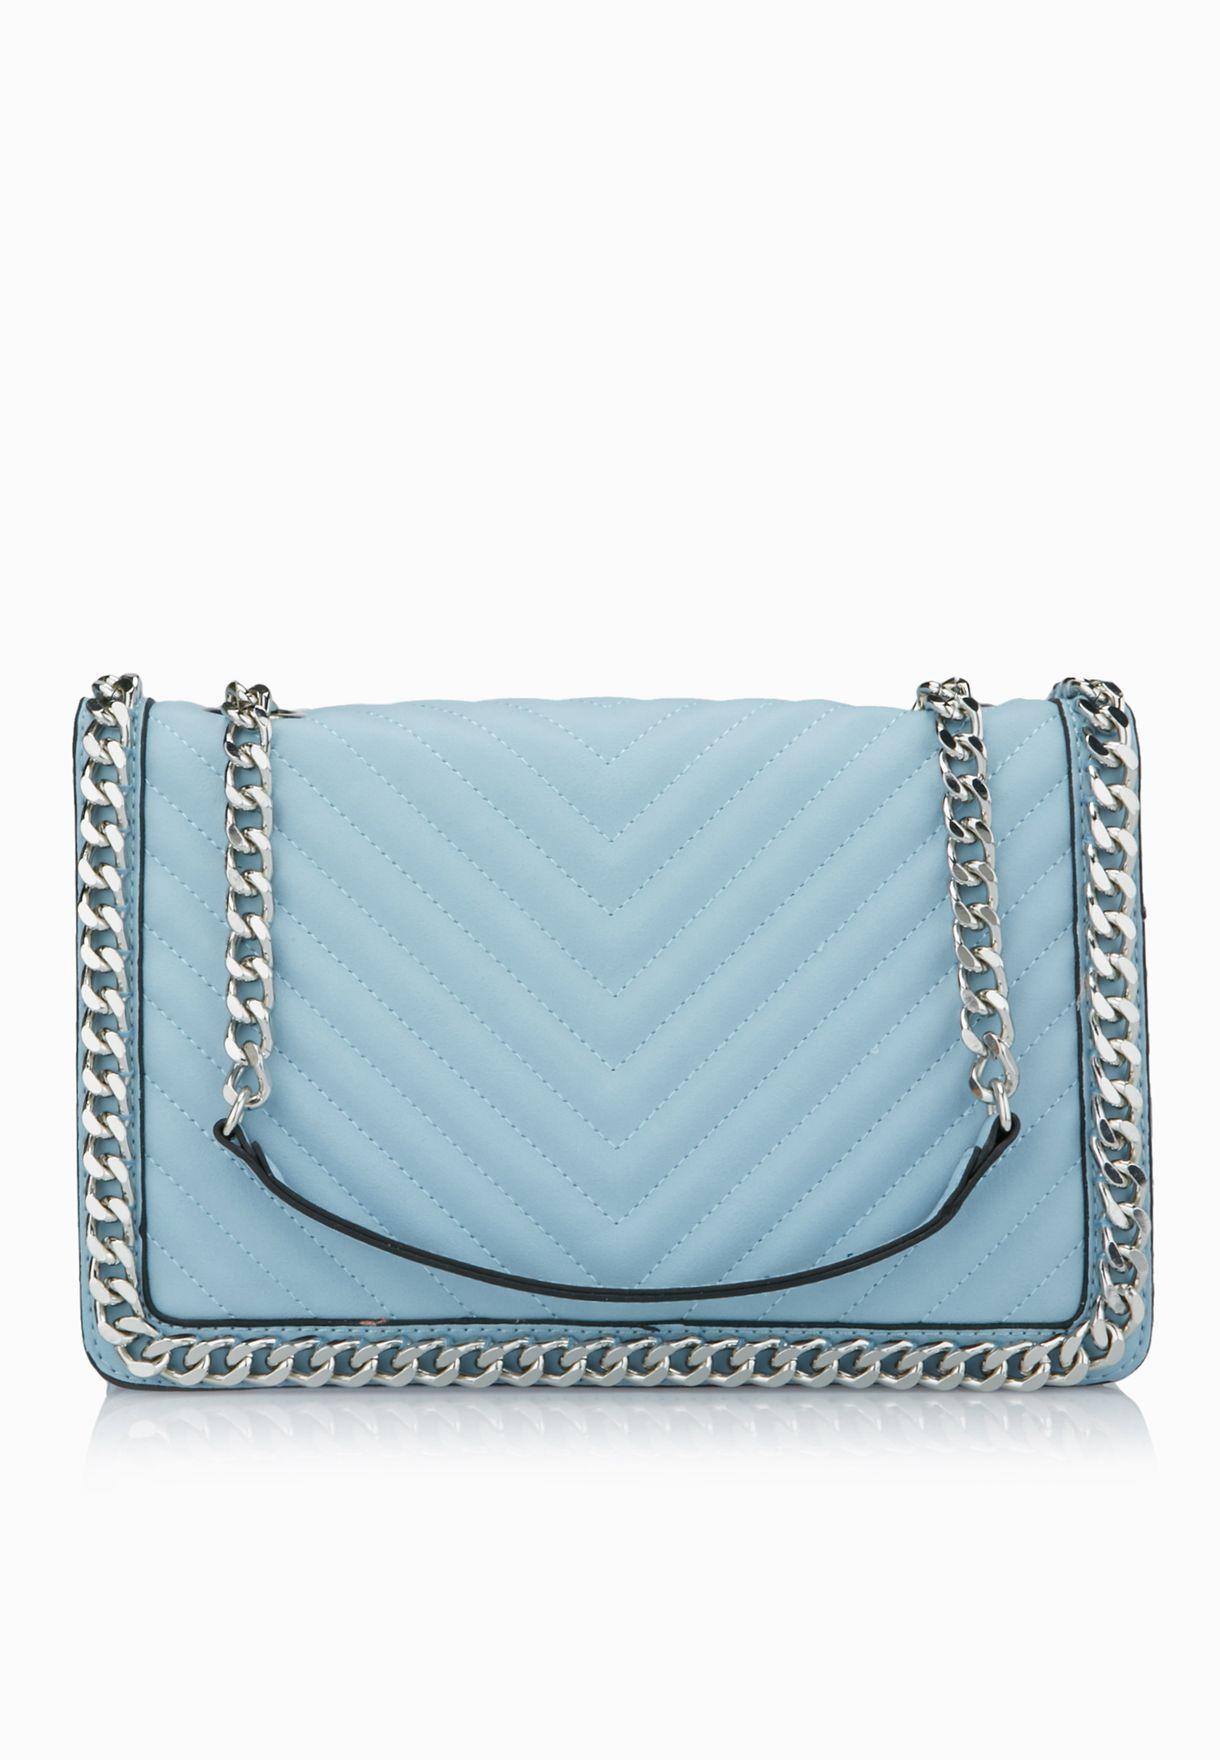 36206502bd2 Shop Aldo blue Greenwald Crossbody GREENWALD7 for Women in UAE -  AL729AC81ERM